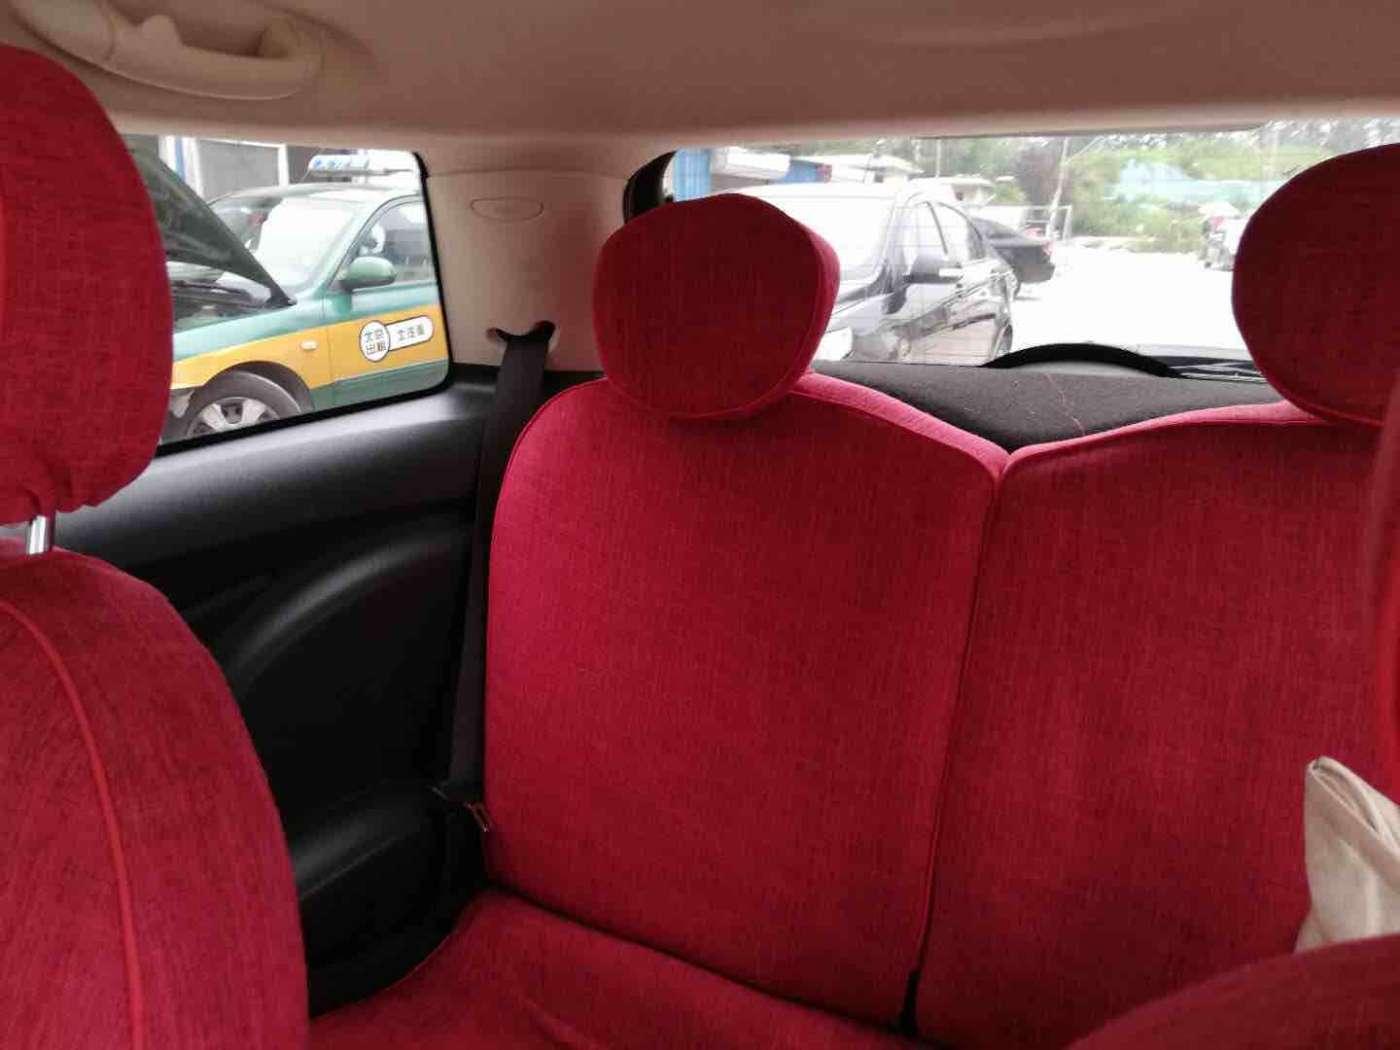 2013年01月 MINI 2011款 1.6L ONE|甄选宝马-北京卡斯基汽车服务重庆彩票